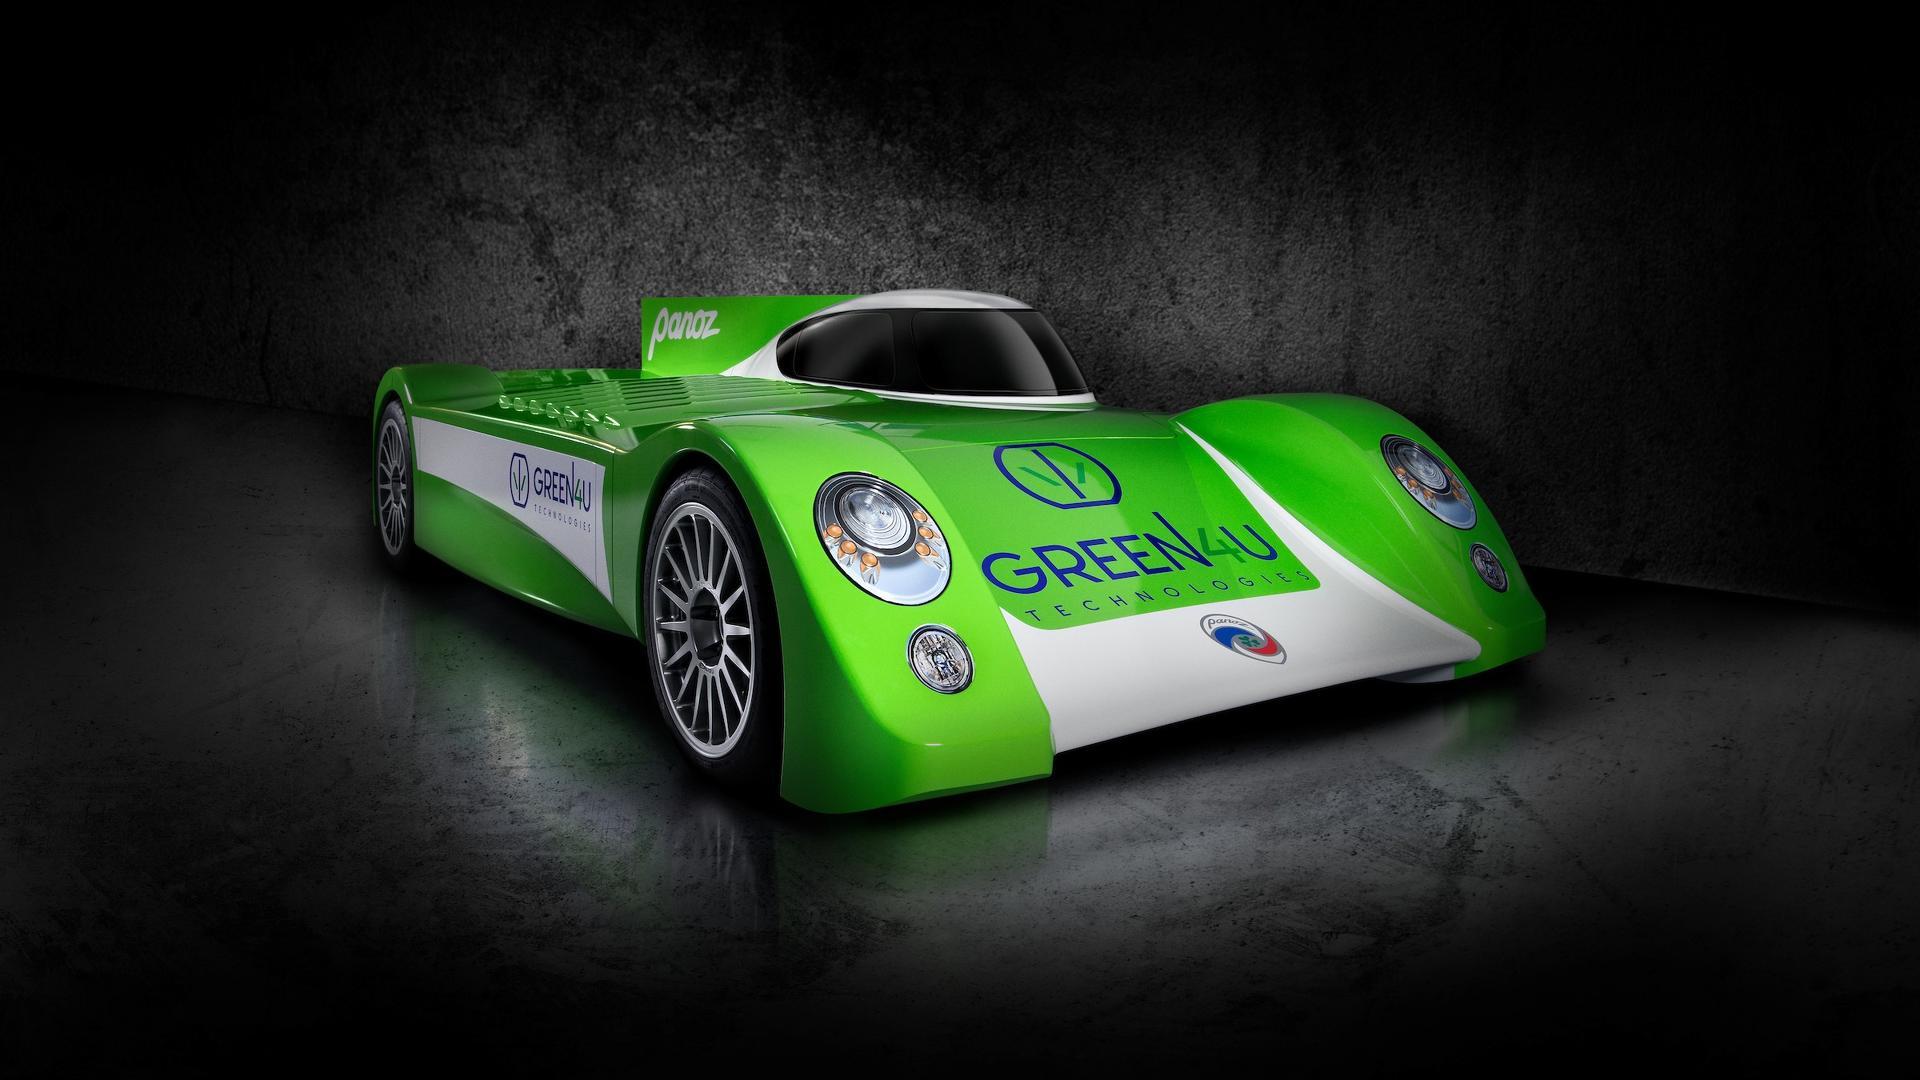 Panoz_GT-EV_racecar_03